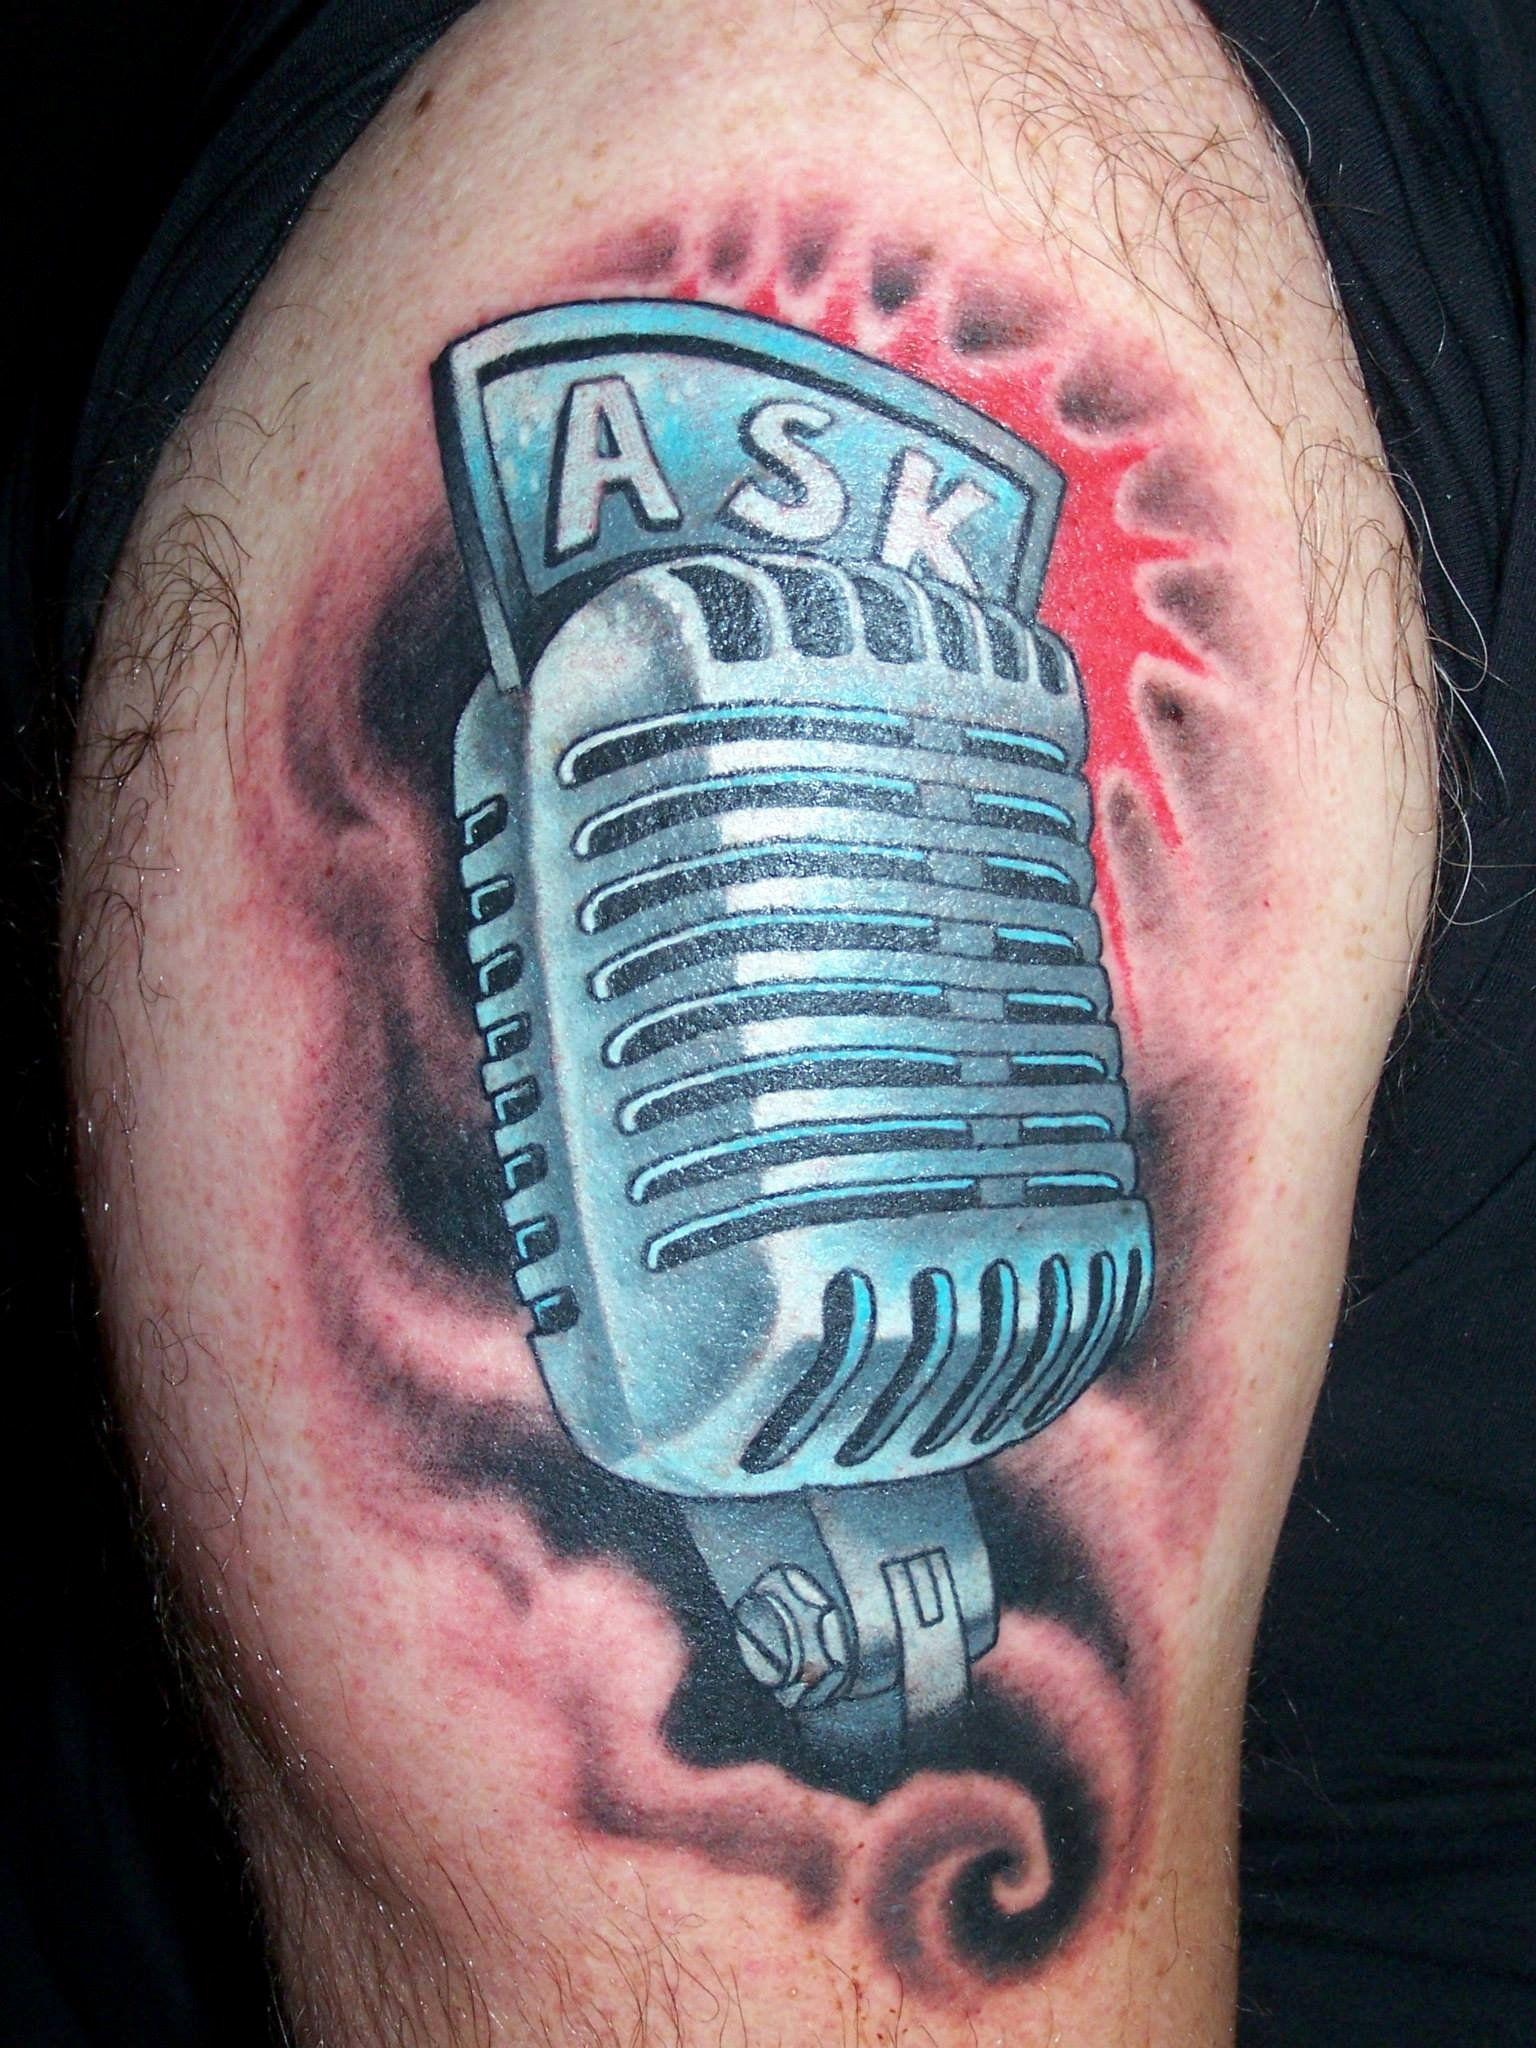 Drawing Book Tattoo Artist in 2020 La ink tattoos, Book